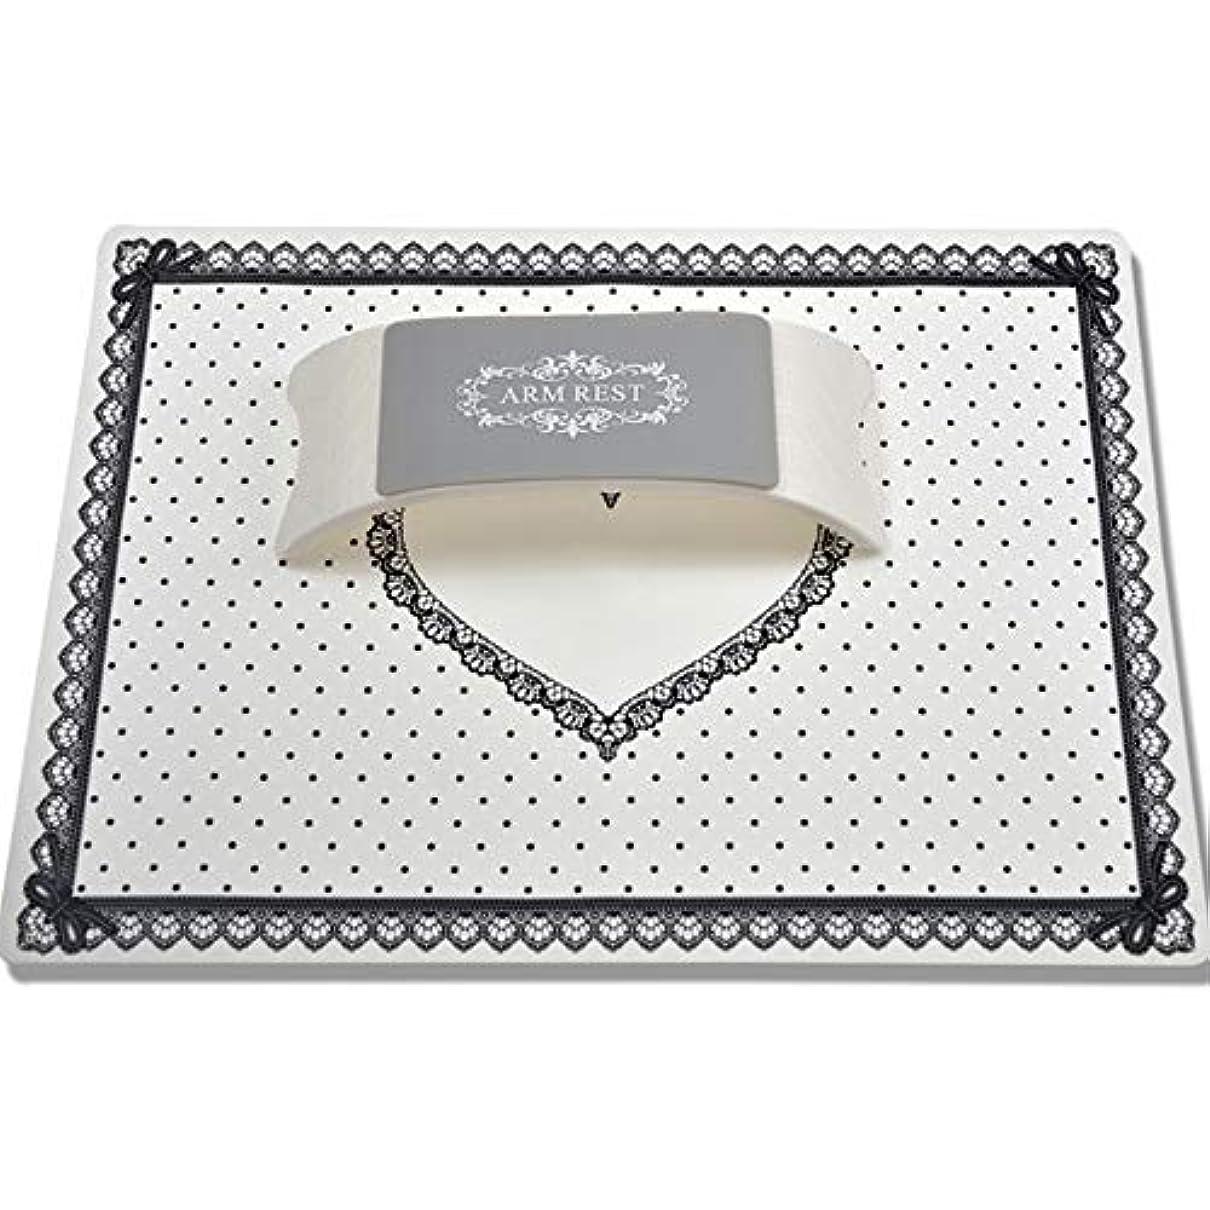 チャーター反論訴える1セット快適なネイルアートピローハンドホルダークッションプラスチック&シリコンクッションネイルアームレスト+ネイルブラシ+マニキュアファイルSANC288パープル